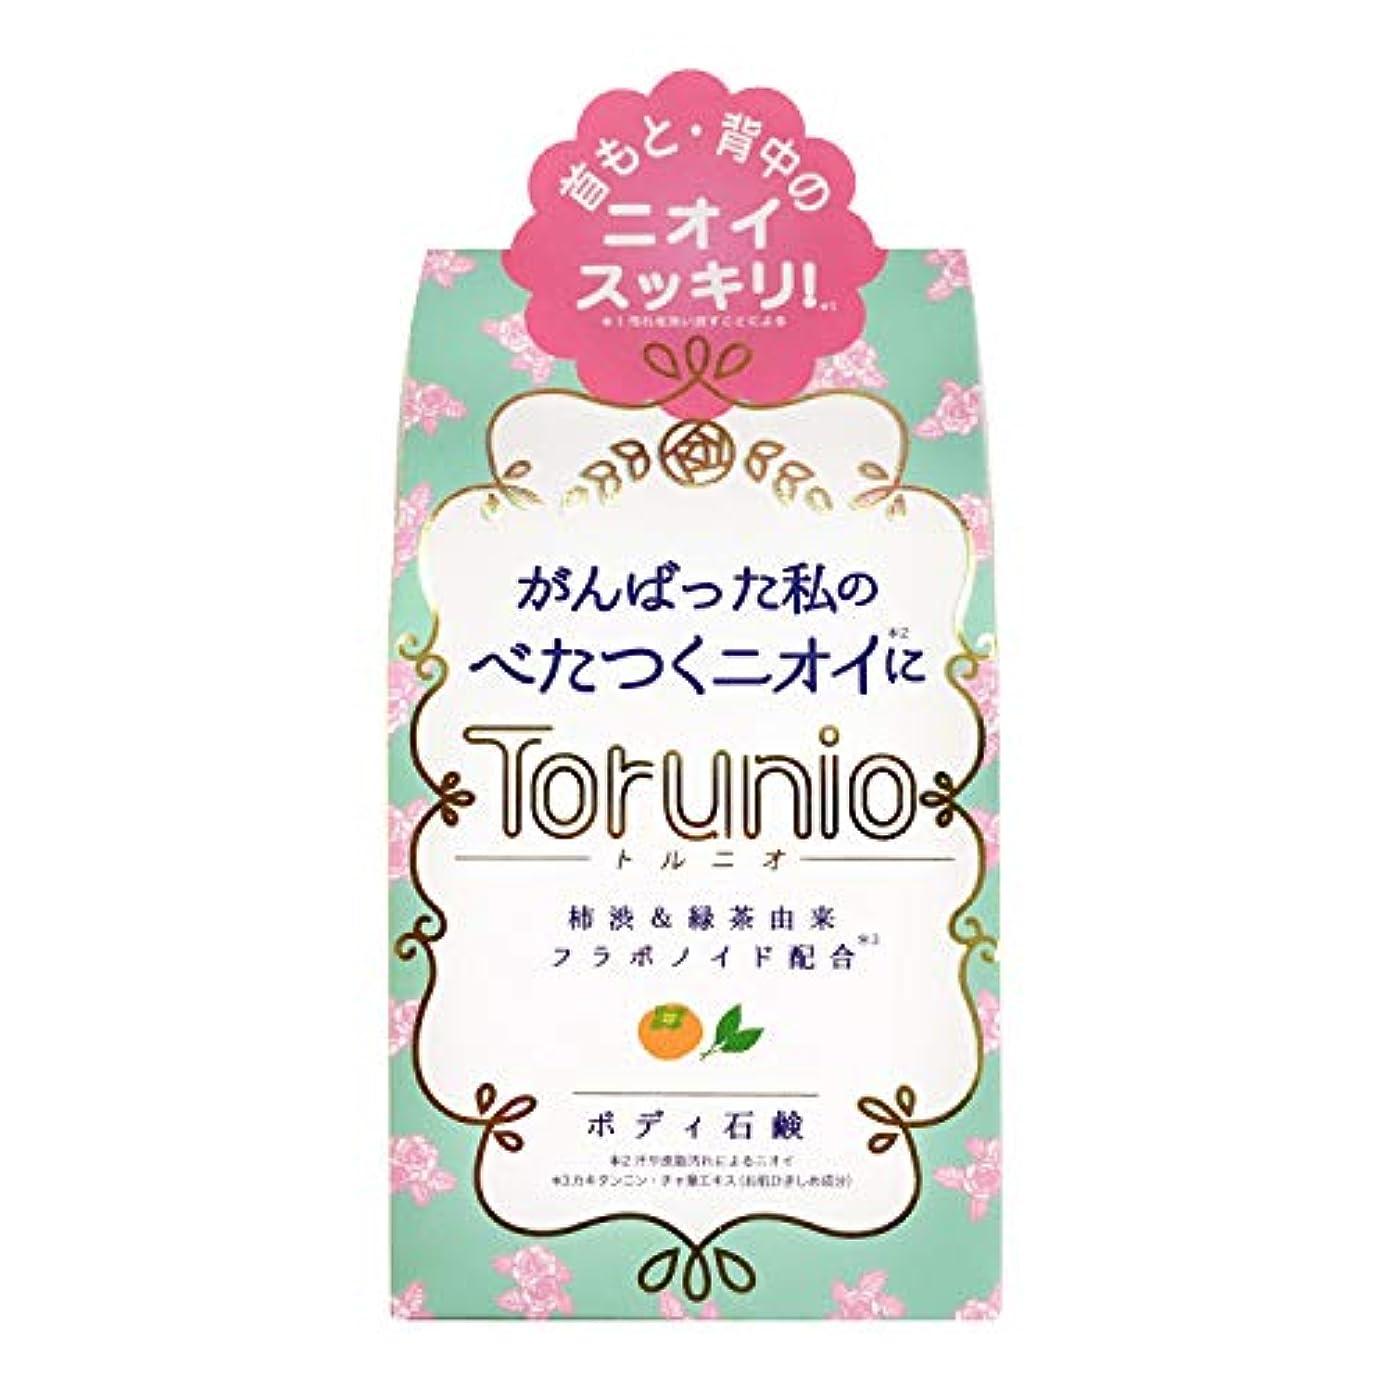 考慮害虫免疫するTorunio(トルニオ)石鹸 100g